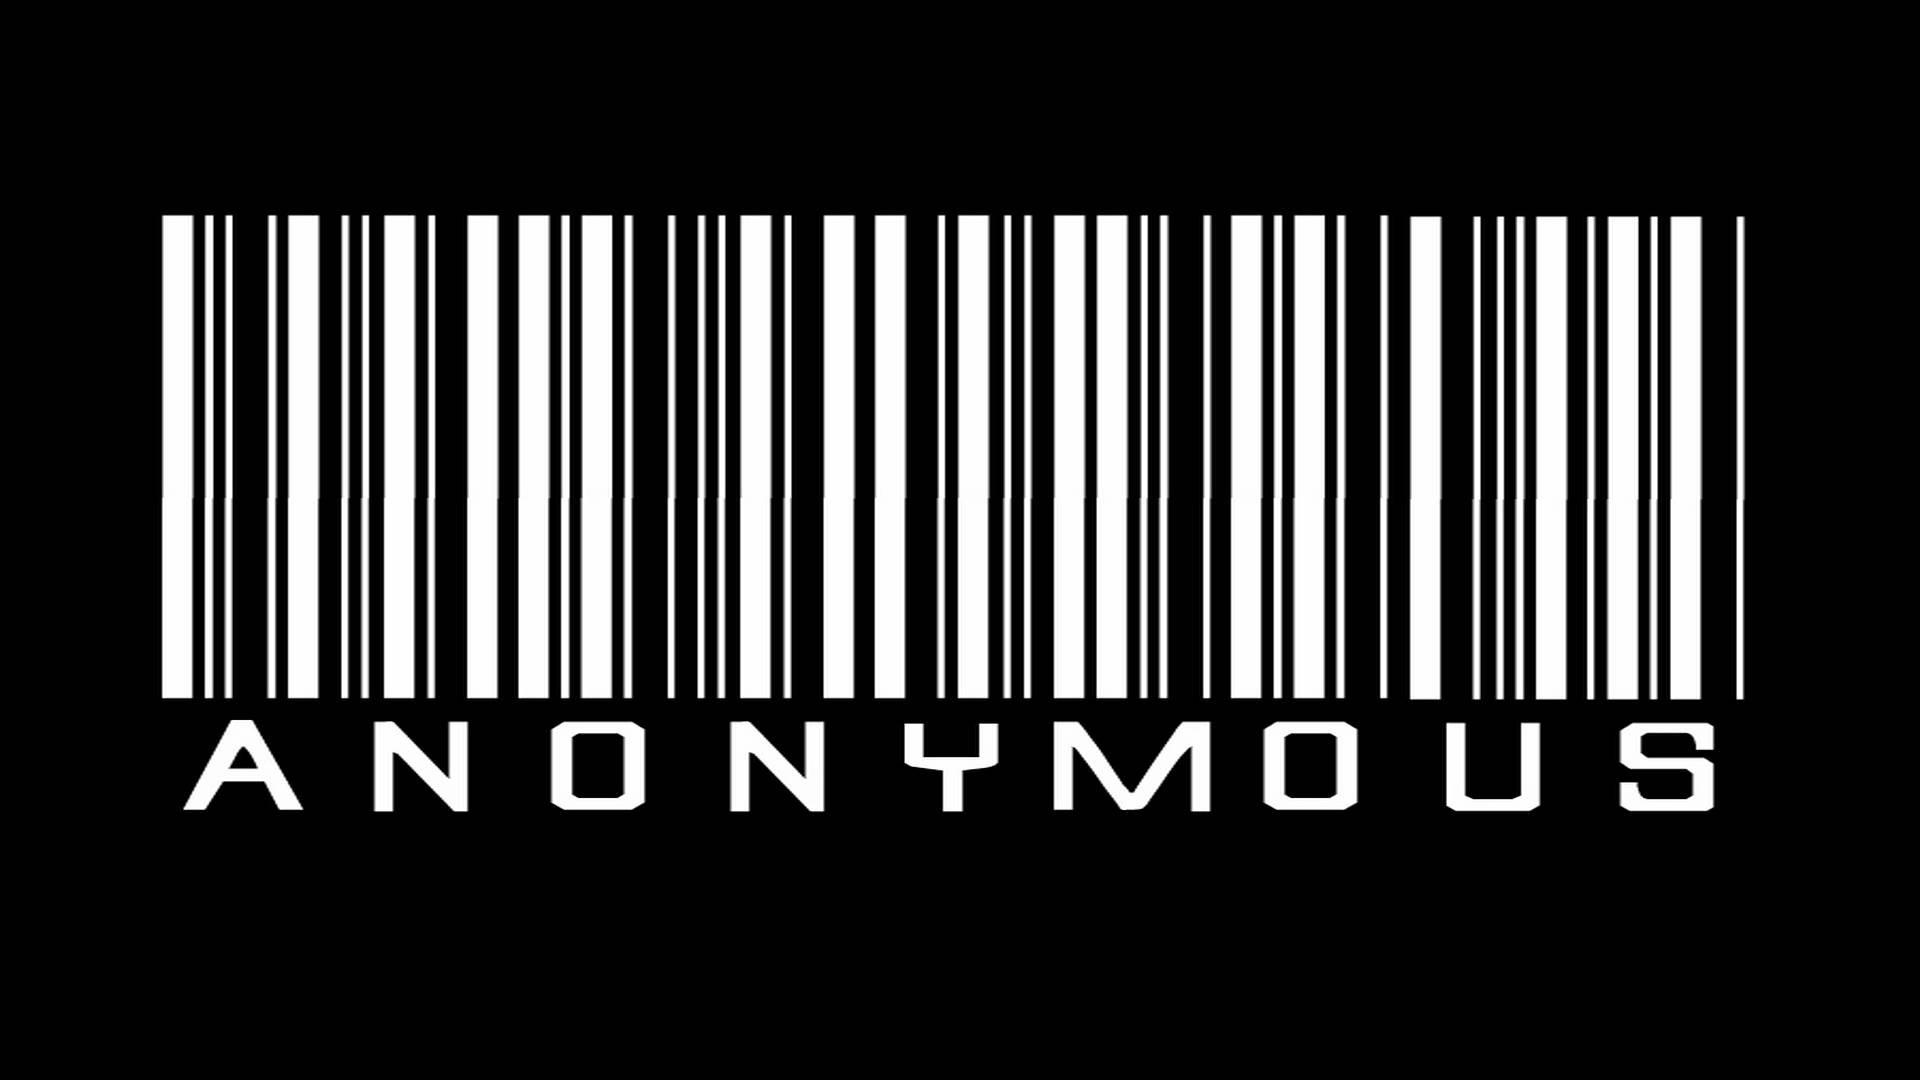 pochemu-luchshe-vsego-ostavatsya-anonimnym-v-internete1